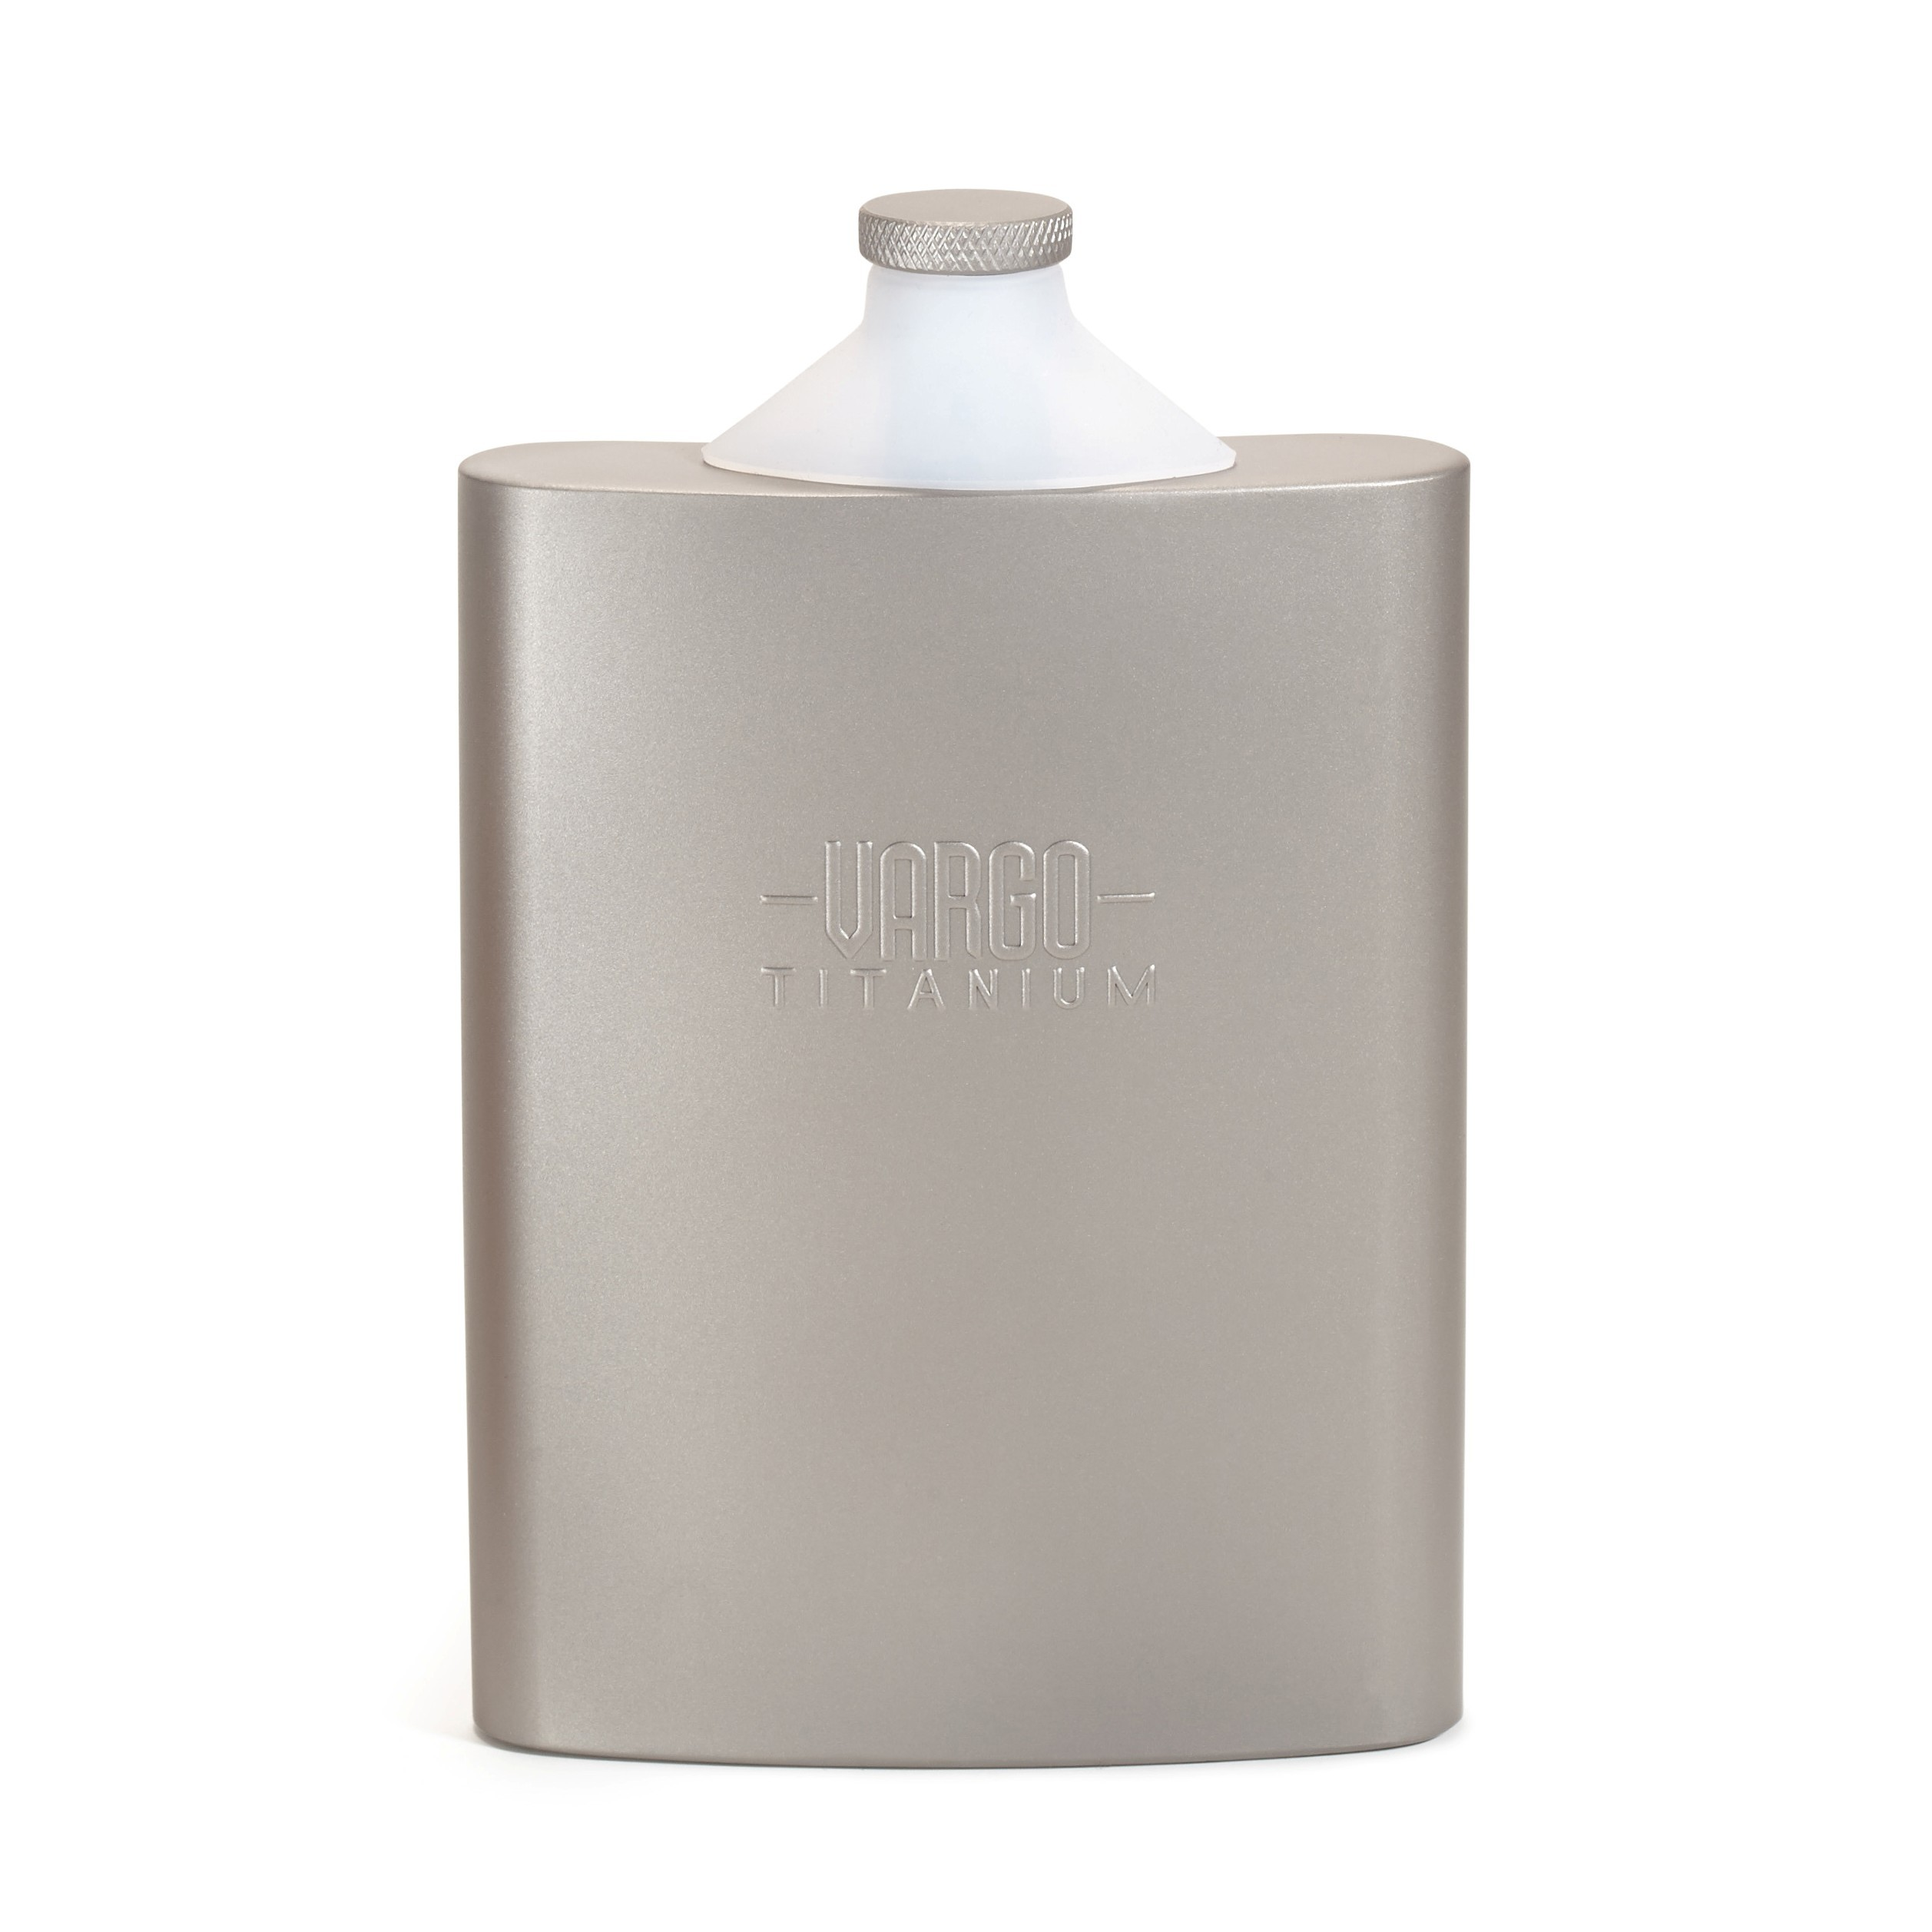 Vargo Titan Lommelerke Flaske Sølv, 240 ml, 105g